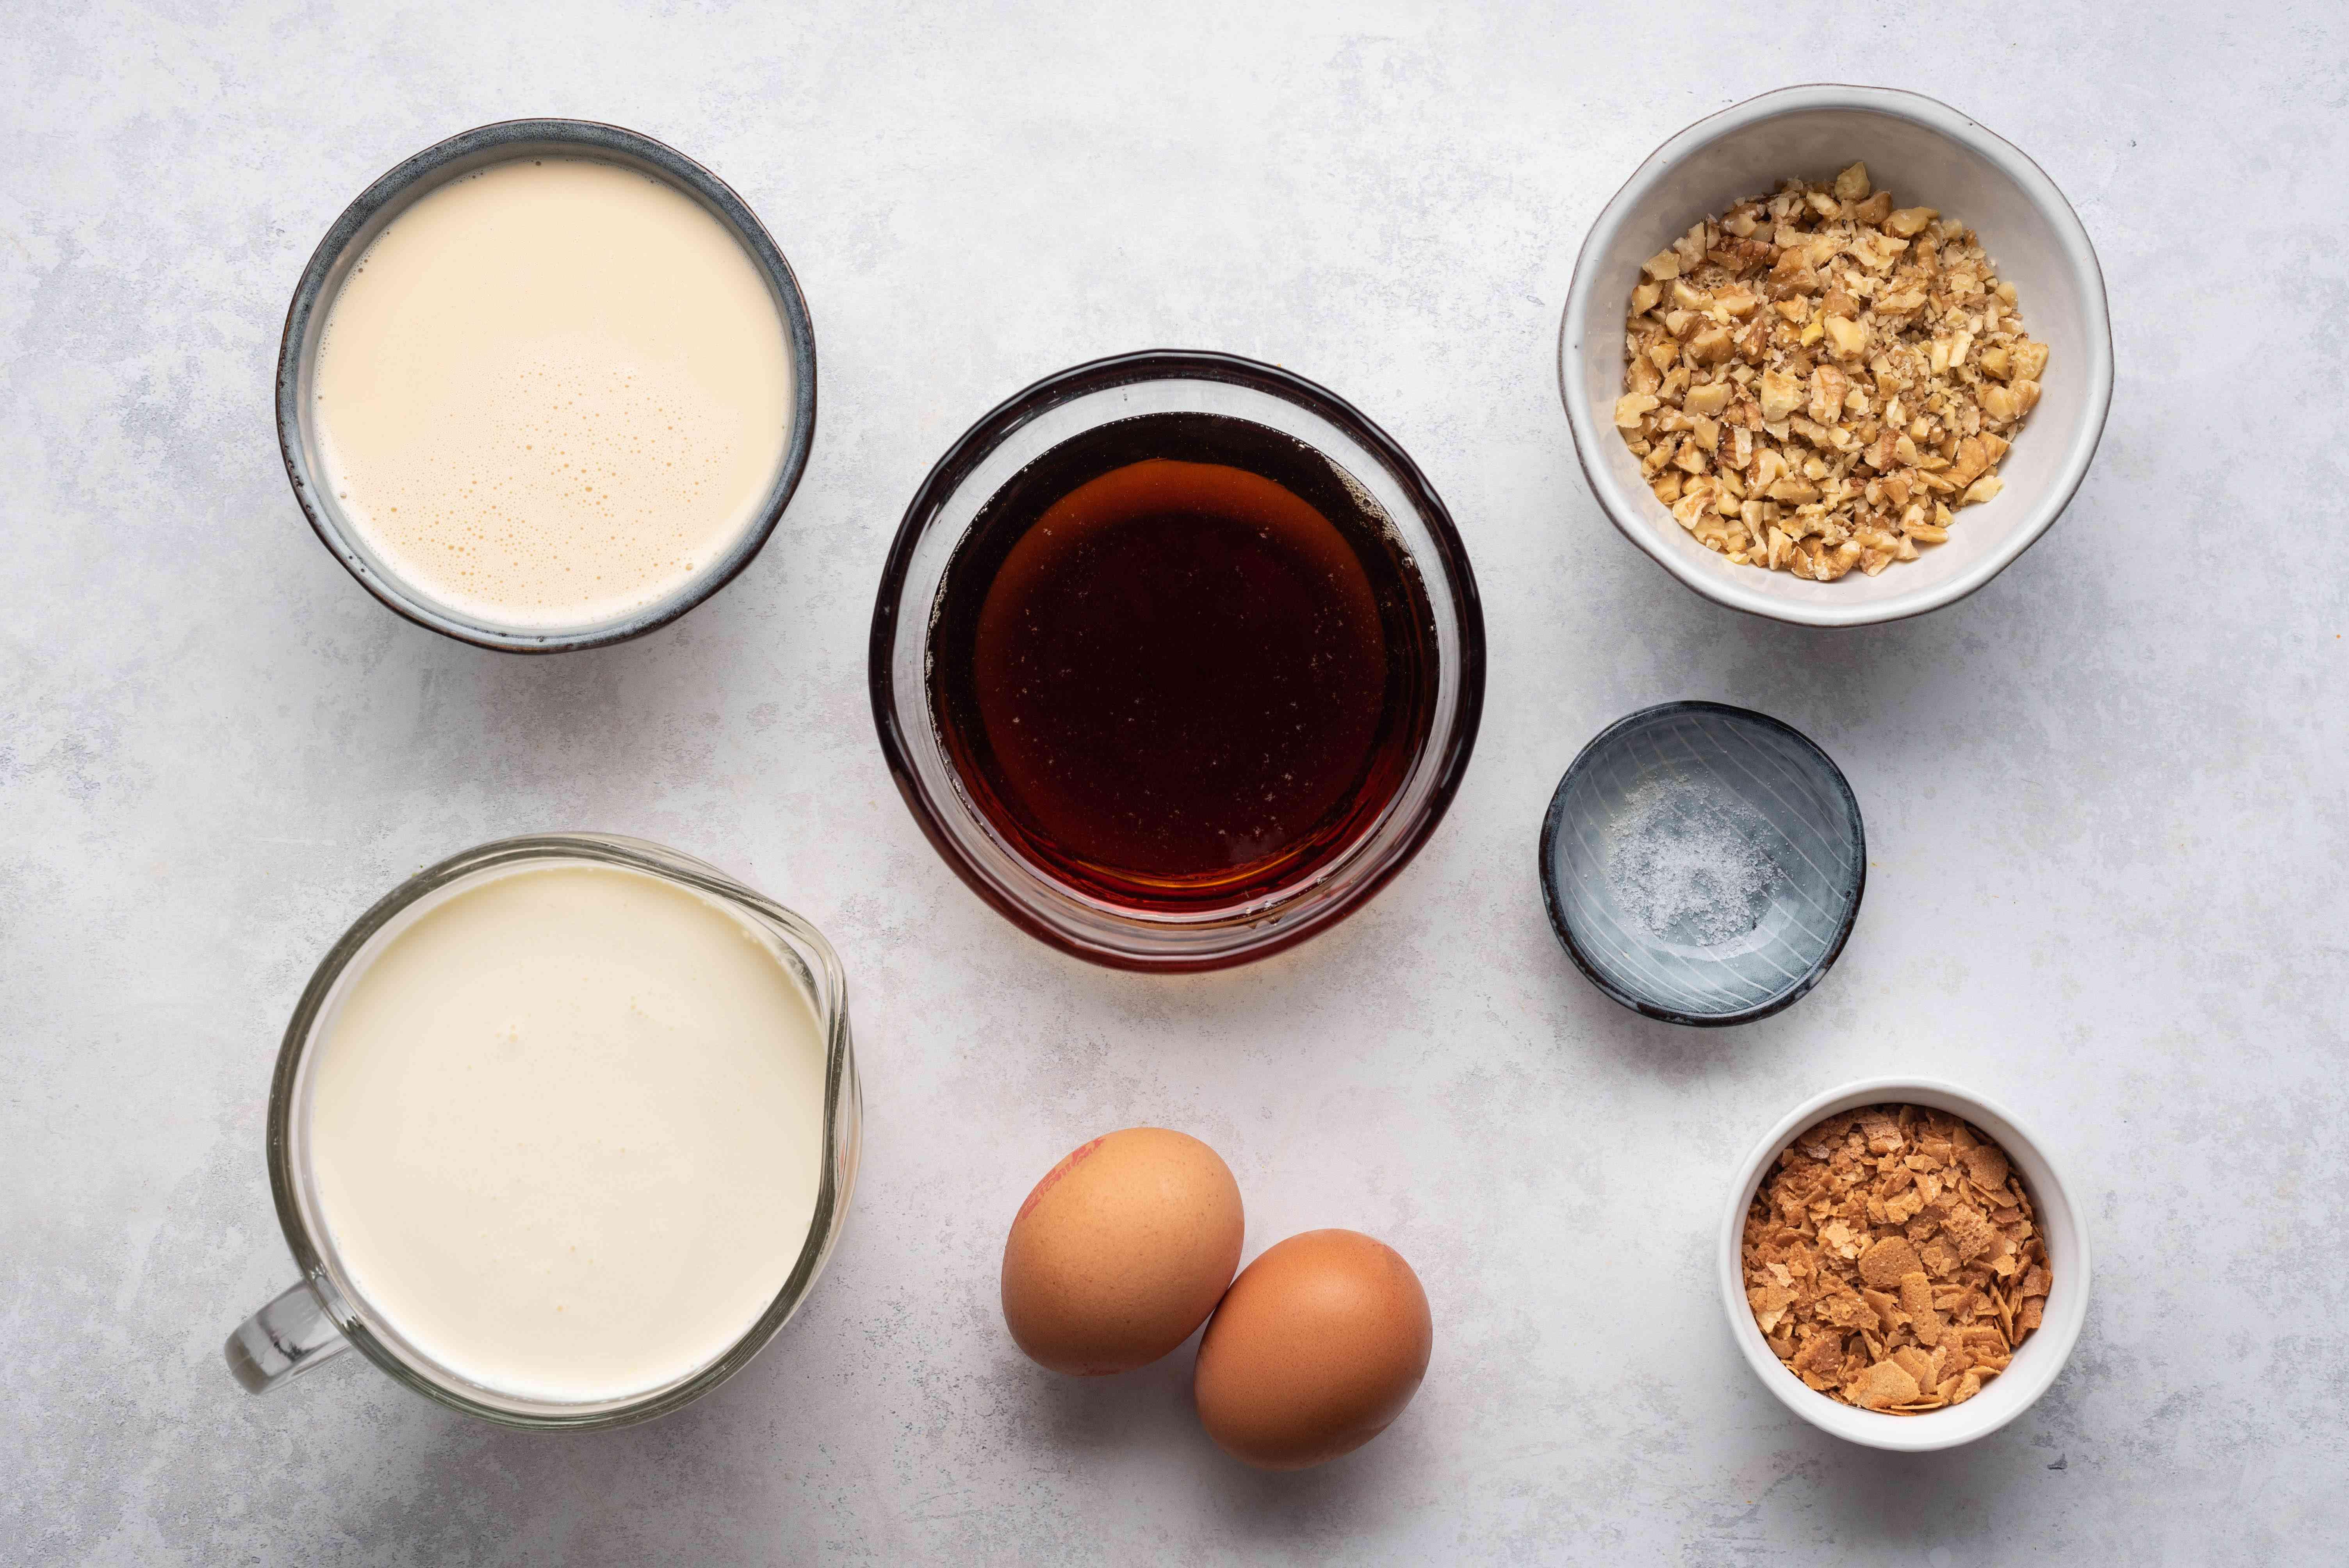 Best-Ever Maple Walnut Ice Cream ingredients